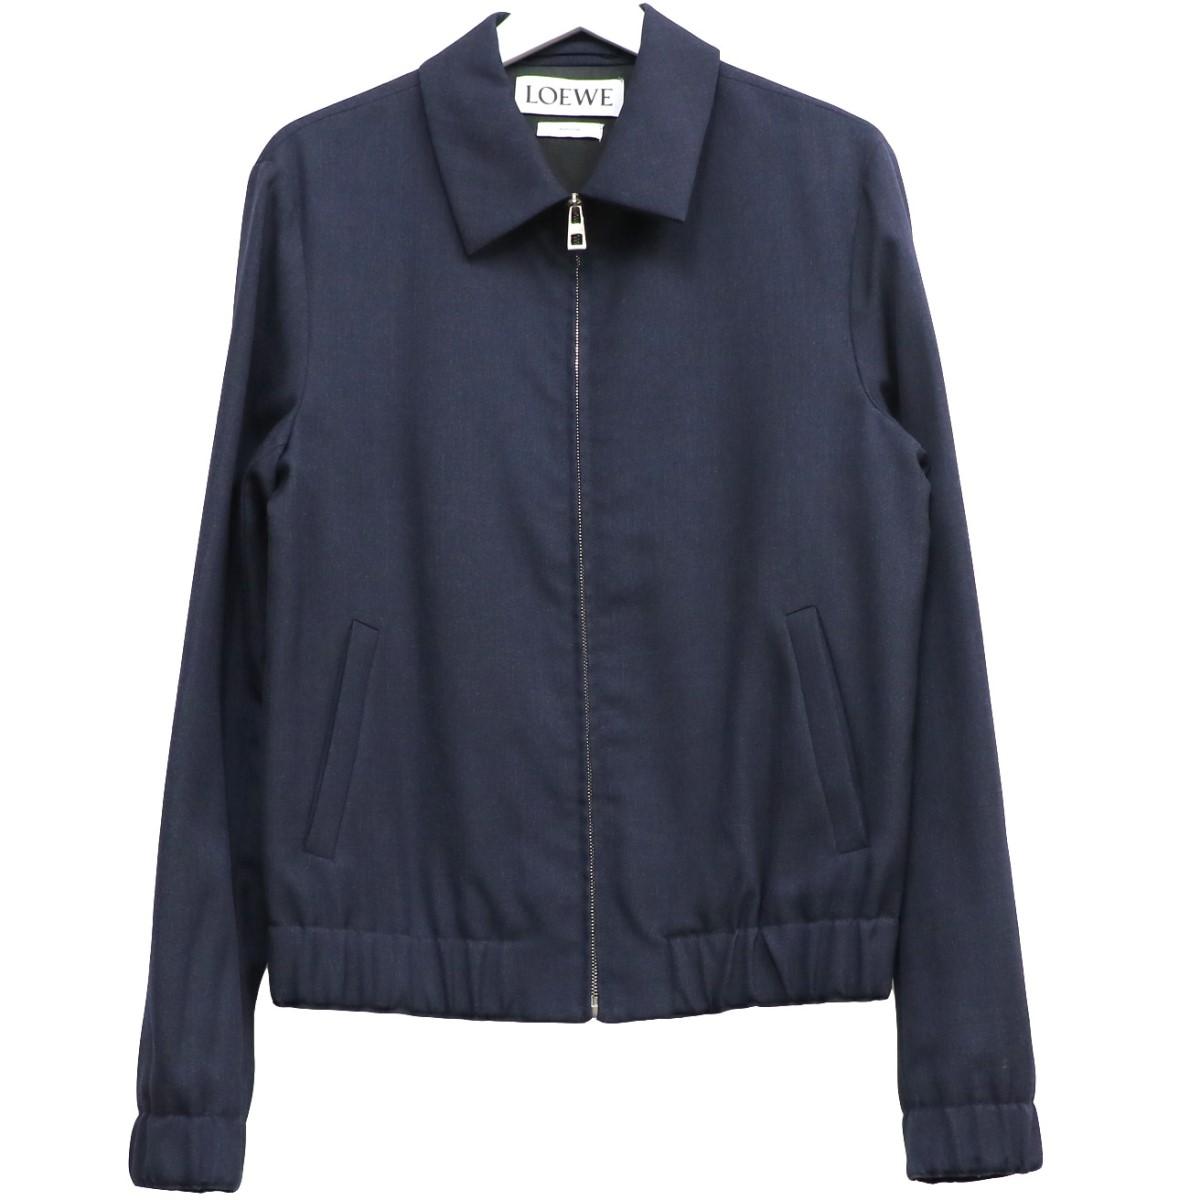 【中古】LOEWE Zip Blouson Jacketジップスウィングトップジャケット ネイビー サイズ:46 【070920】(ロエベ)